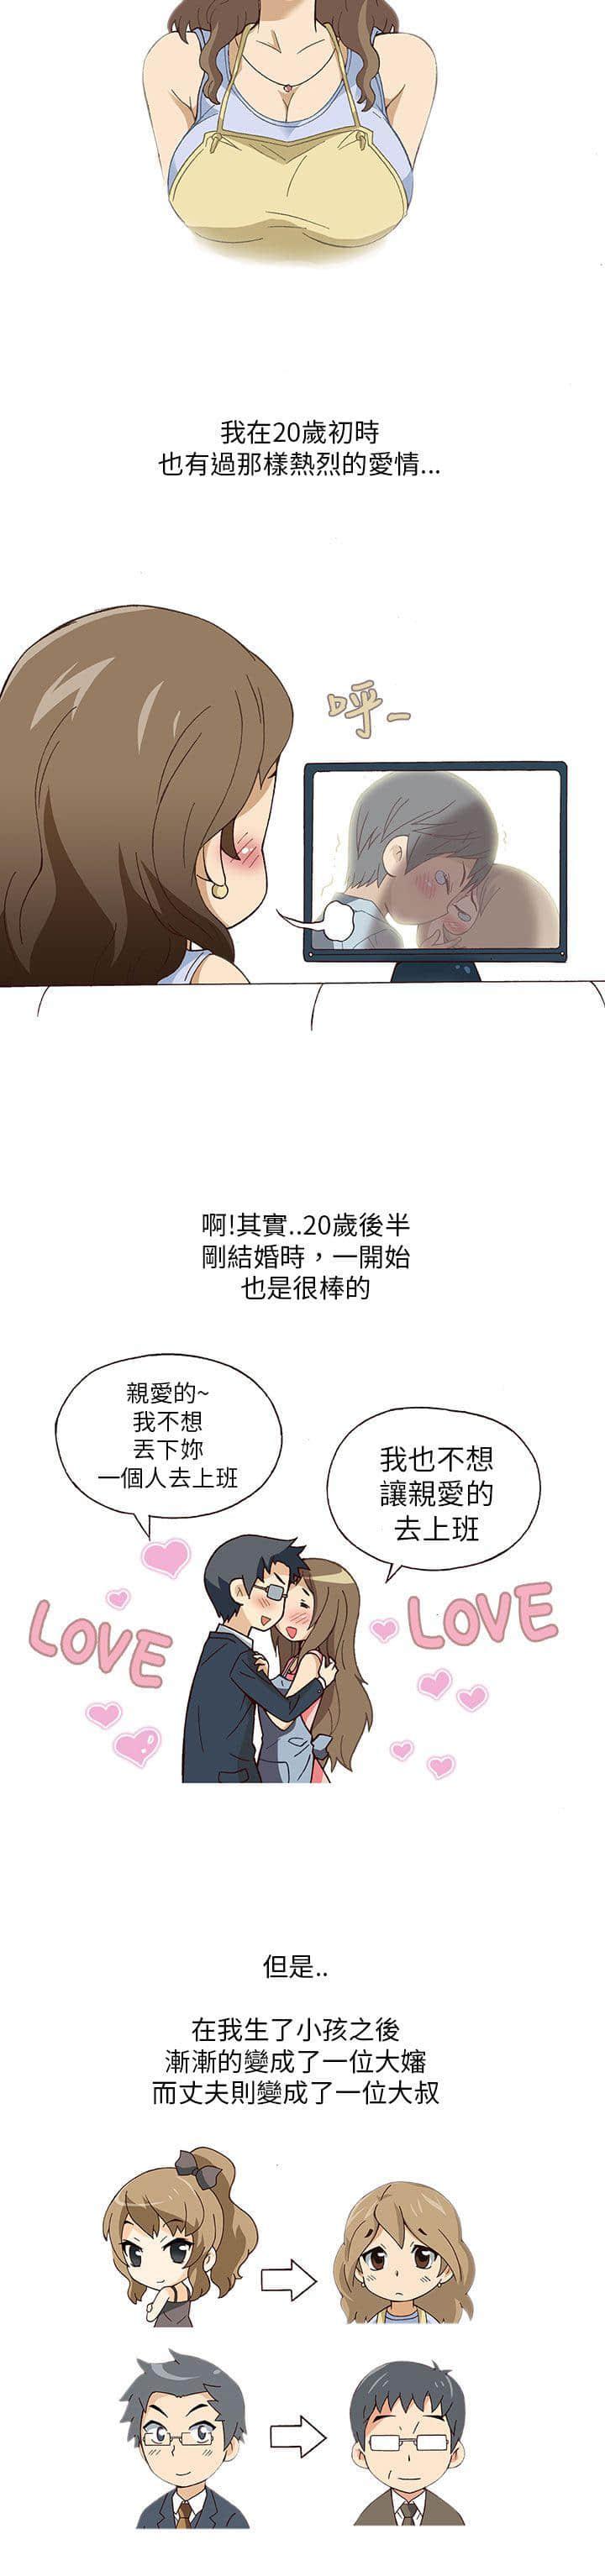 中国两性人用嘴统计数据2021